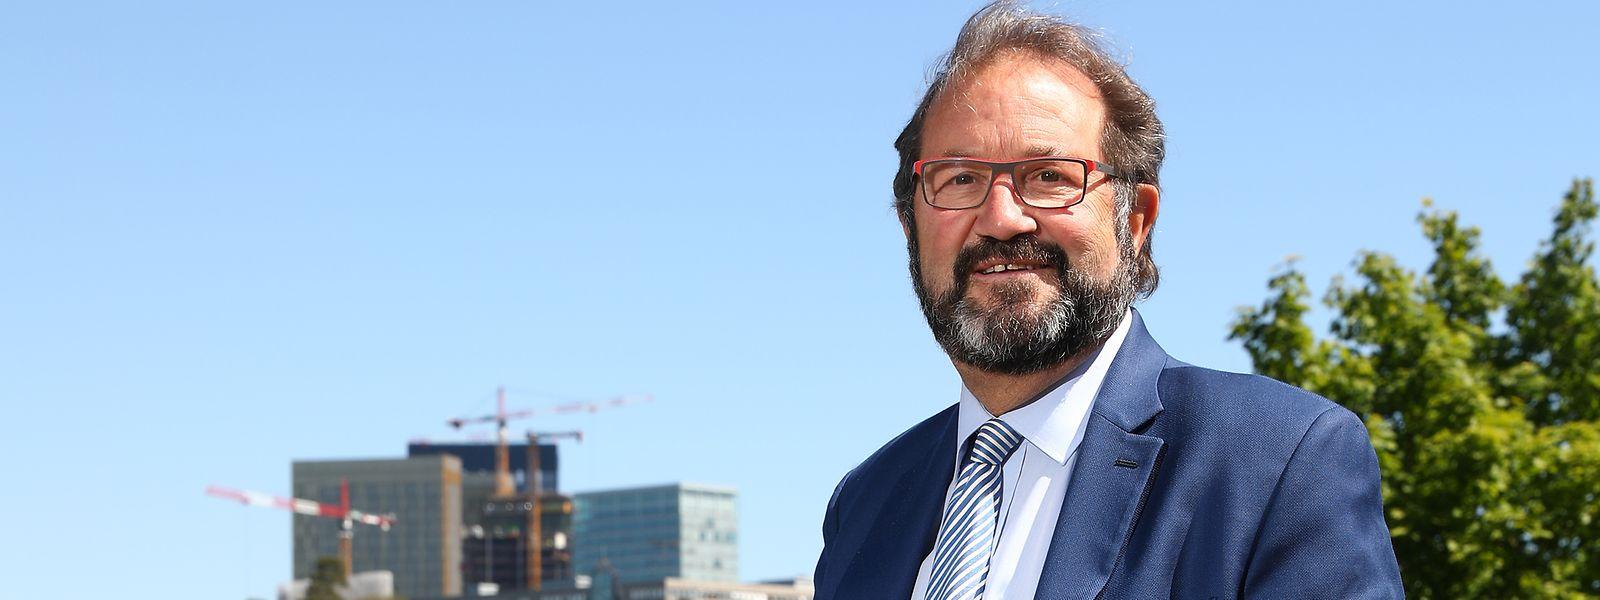 Gast Gibéryen will für die ADR erstmals einen Sitz in Straßburg erringen.